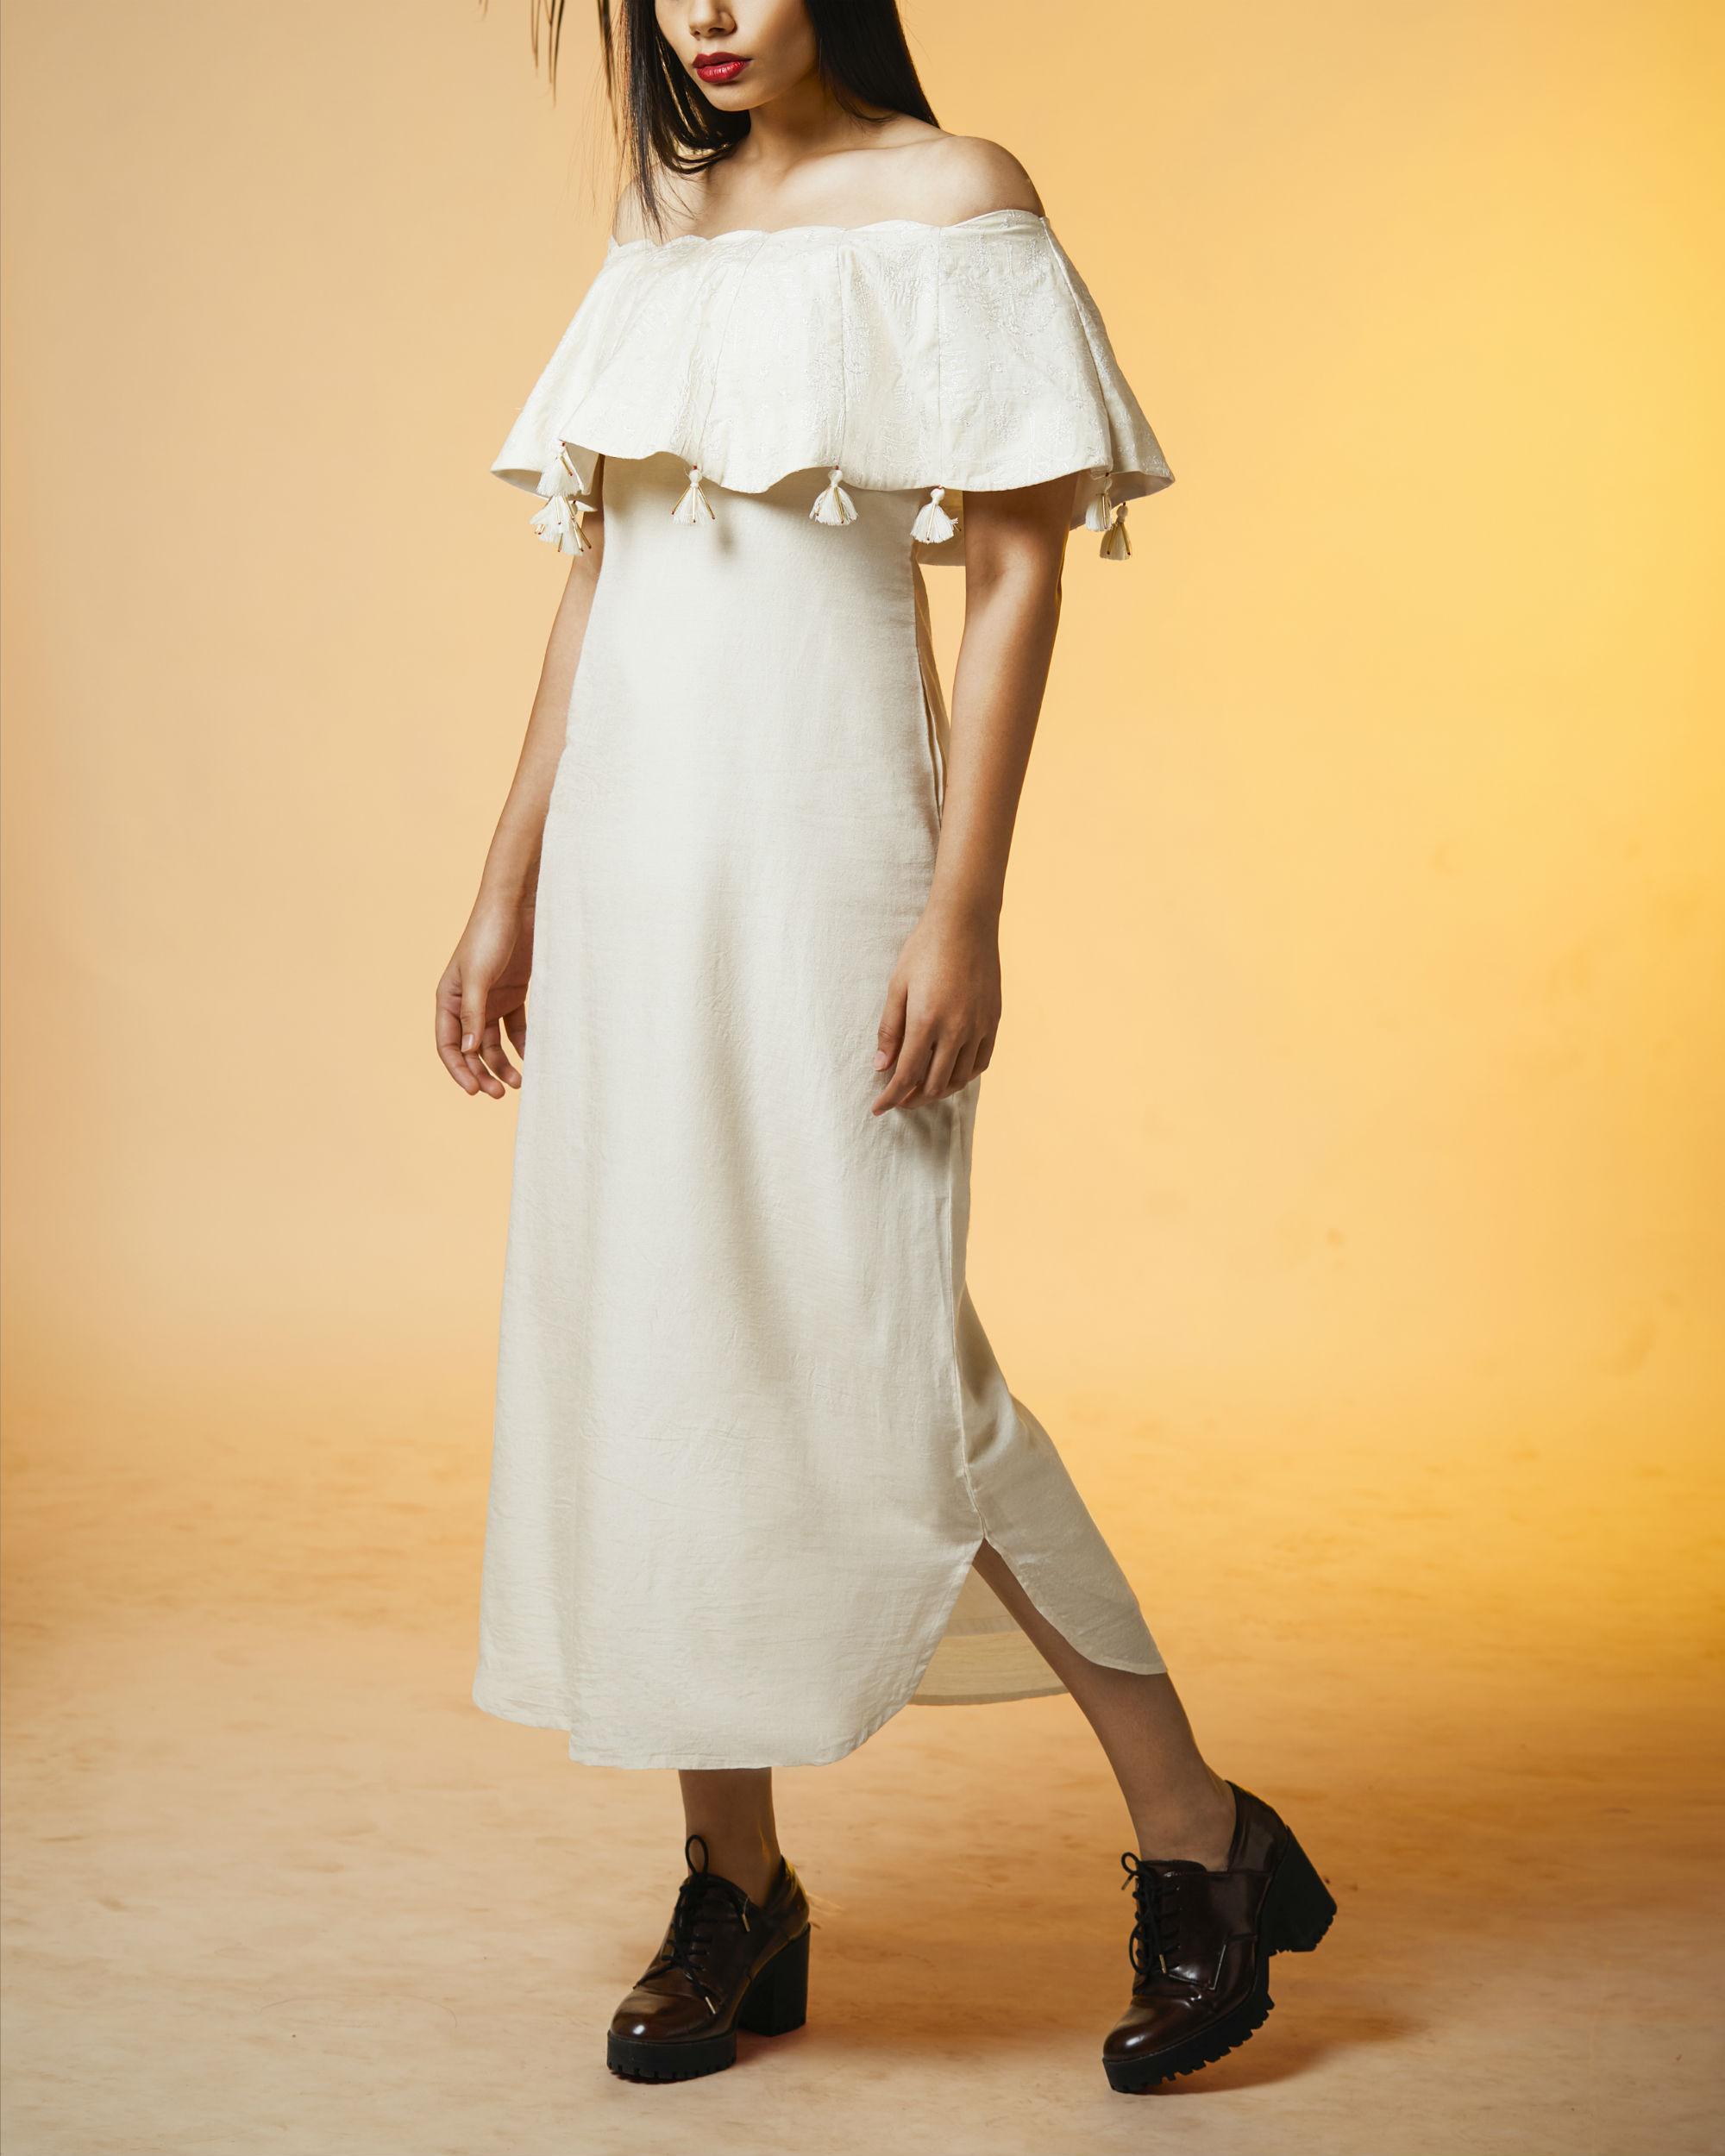 Tasseled off shoulder dress